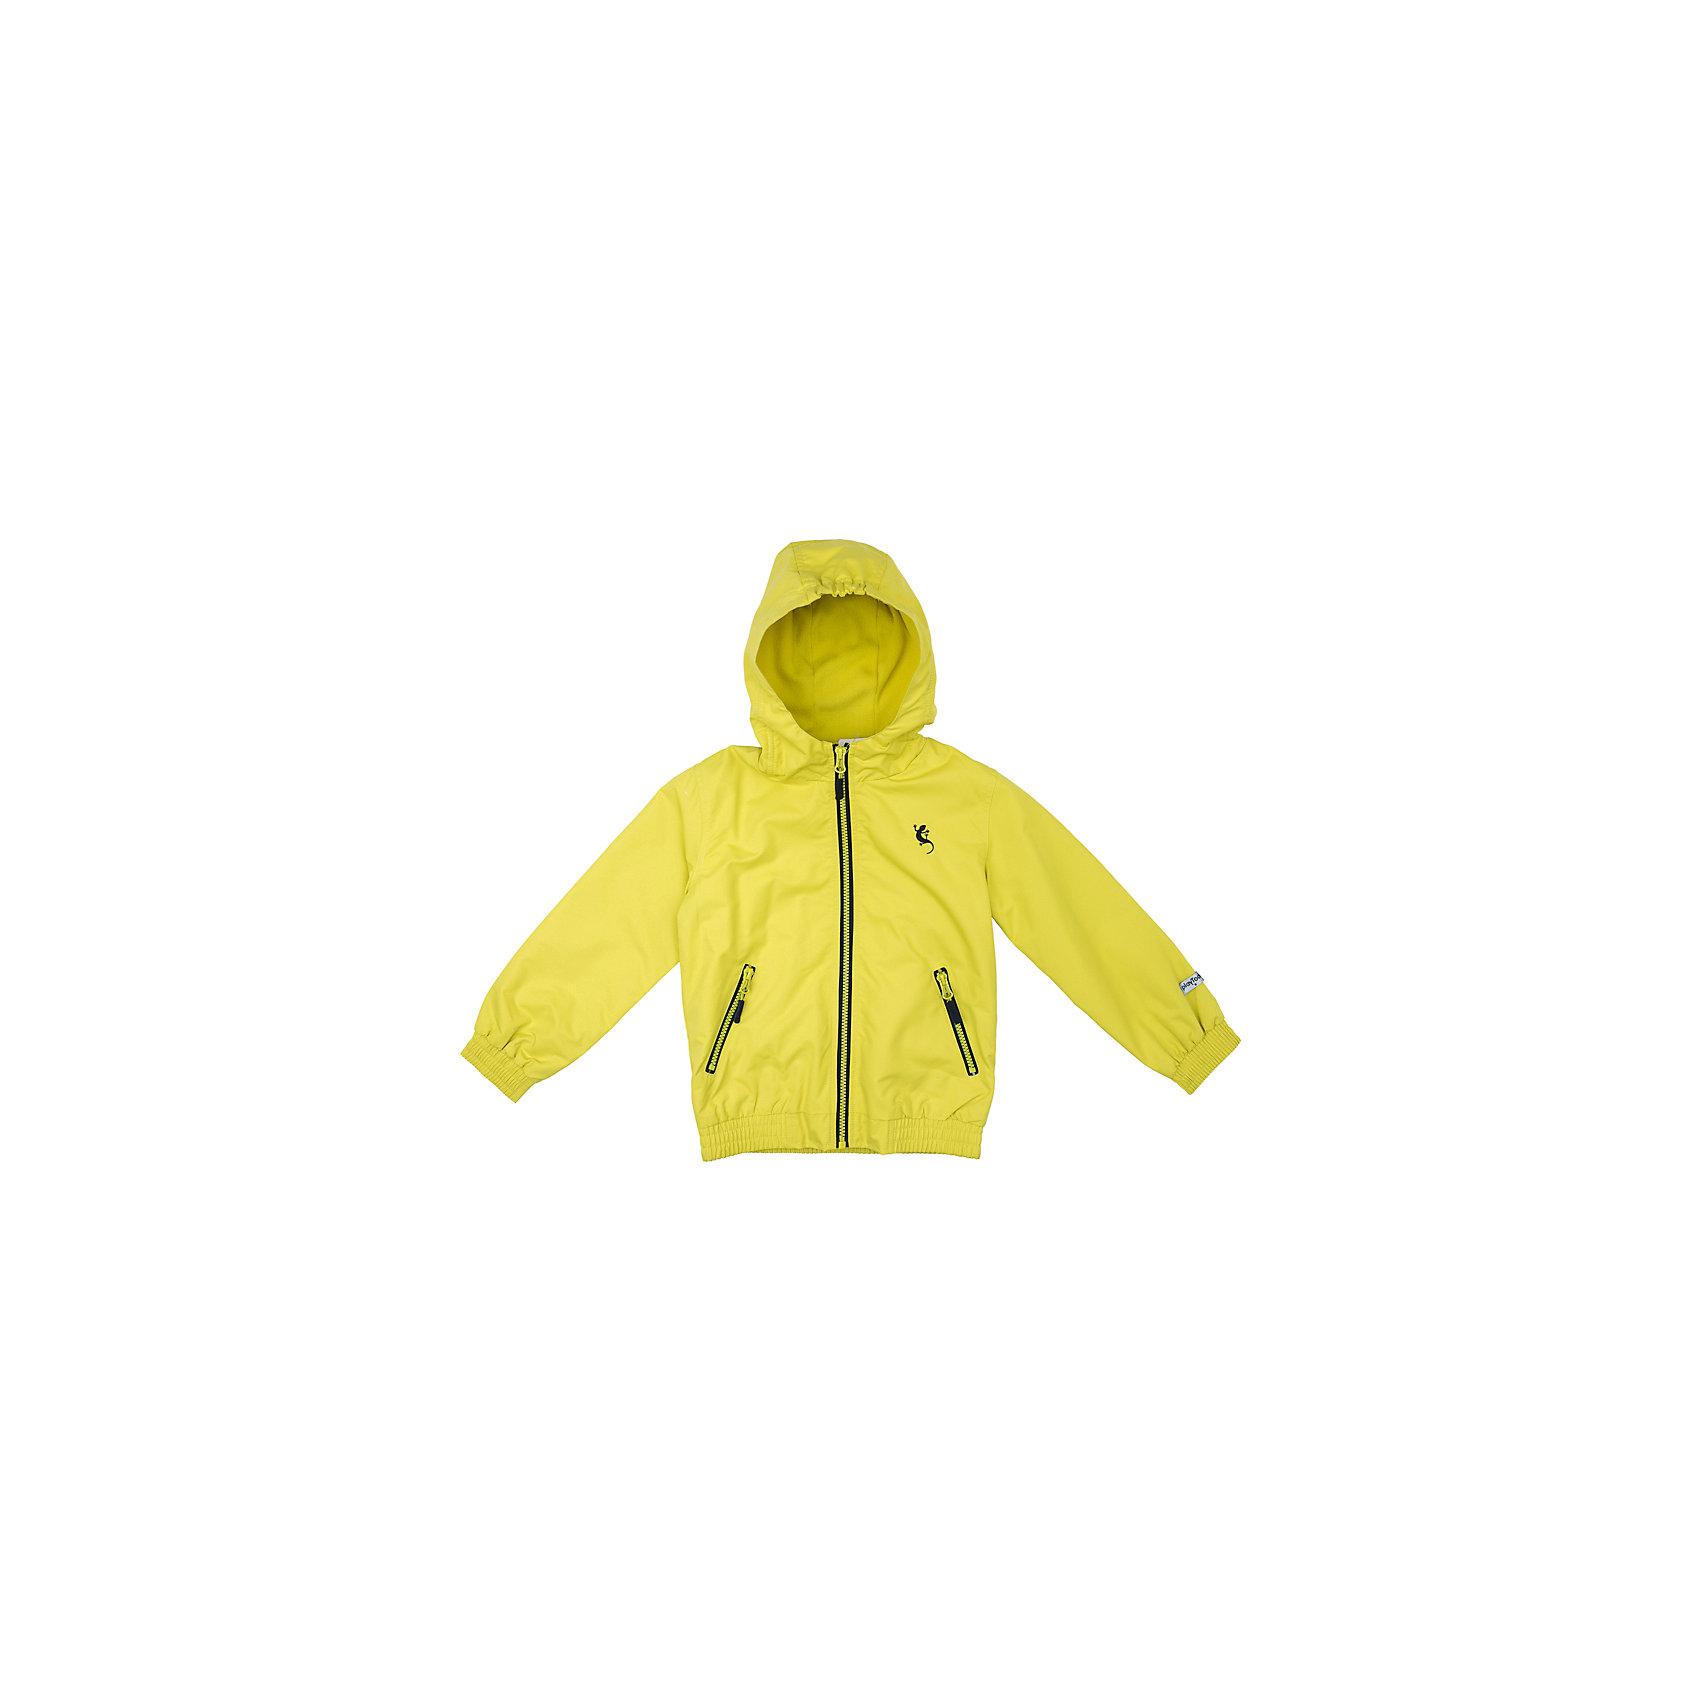 Куртка для мальчика PlayTodayВерхняя одежда<br>Куртка для мальчика PlayToday<br>Практичная яркая куртка  со специальной водоотталкивающей пропиткой защитит Вашего ребенка в любую погоду! Мягкие  резинки на рукавах и по низу изделия защитят Вашего ребенка - ветер не сможет проникнуть под куртку.  Модель с резинкой на капюшоне - даже во время активных игр капюшон не упадет с головы ребенка. Светоотражатели на рукаве и по низу изделия - один из гарантов безопасности, ребенок будет виден в темное время суток.Преимущества: Водоооталкивающая тканьМодель с резинкой на капюшоне.Светоотражатели на рукаве и по низу изделия.<br>Состав:<br>Верх: 100% полиэстер, подкладка: 100% полиэстер<br><br>Ширина мм: 356<br>Глубина мм: 10<br>Высота мм: 245<br>Вес г: 519<br>Цвет: желтый<br>Возраст от месяцев: 84<br>Возраст до месяцев: 96<br>Пол: Мужской<br>Возраст: Детский<br>Размер: 128,98,104,110,116,122<br>SKU: 5403179